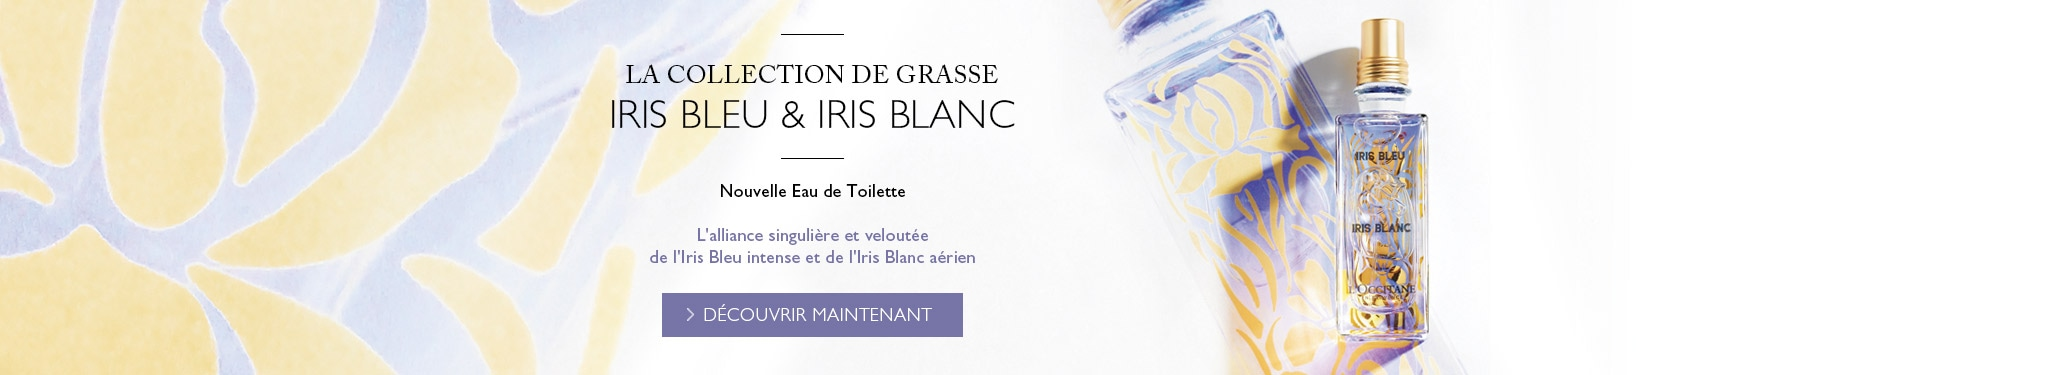 Iris bleu et iris blanc